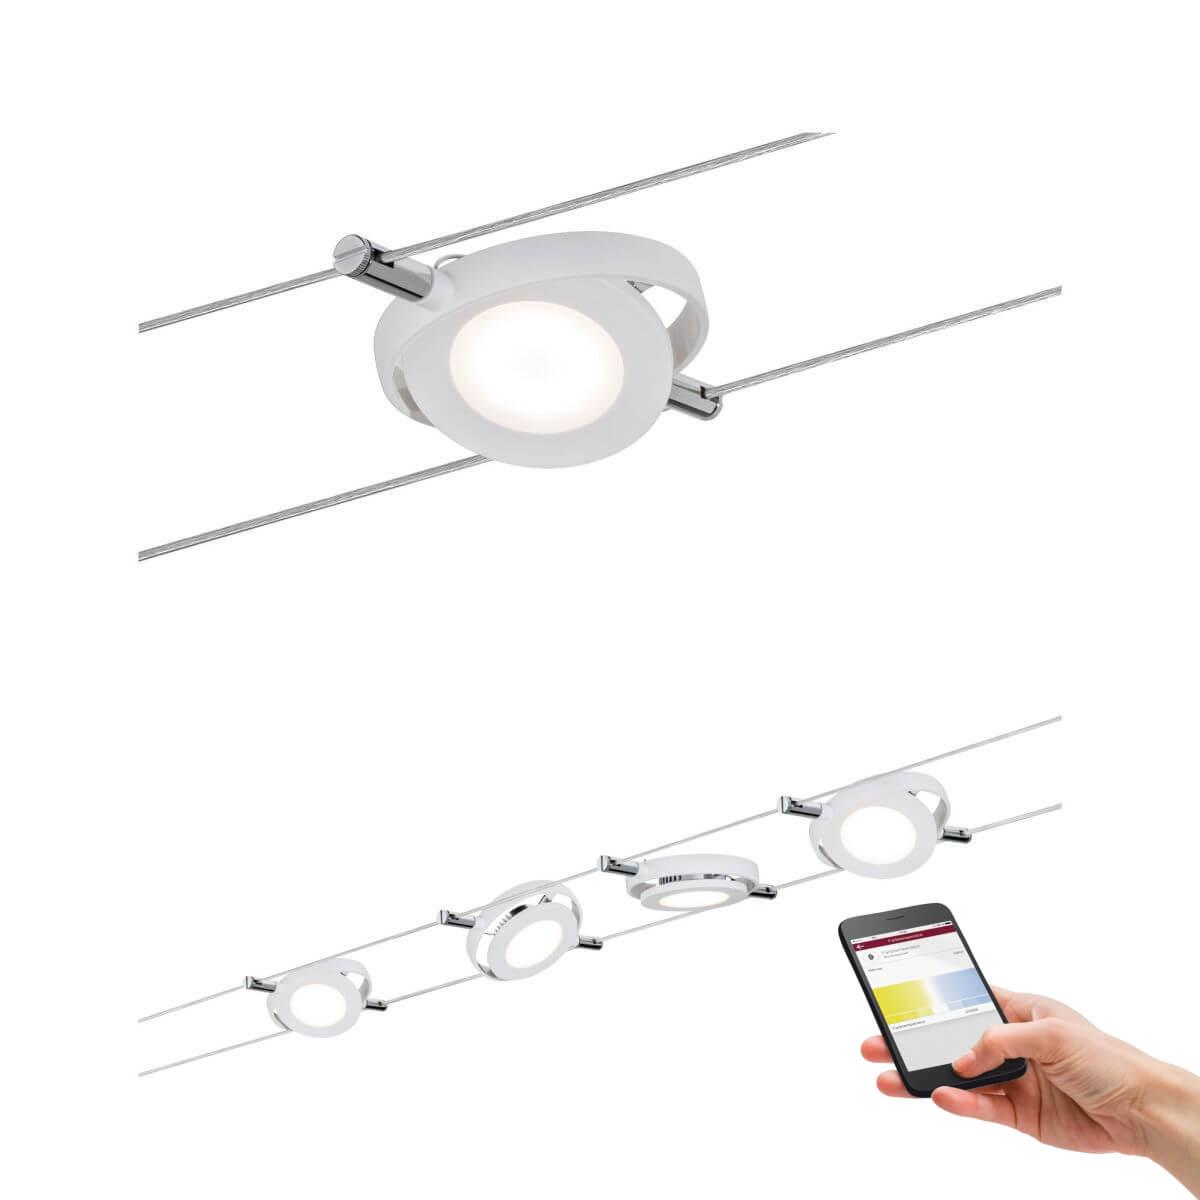 Paulmann Smart LED-Seilsystem RoundMac 4x4W DC Weiß matt mit Weißlichtsteuerung, Bluetooth